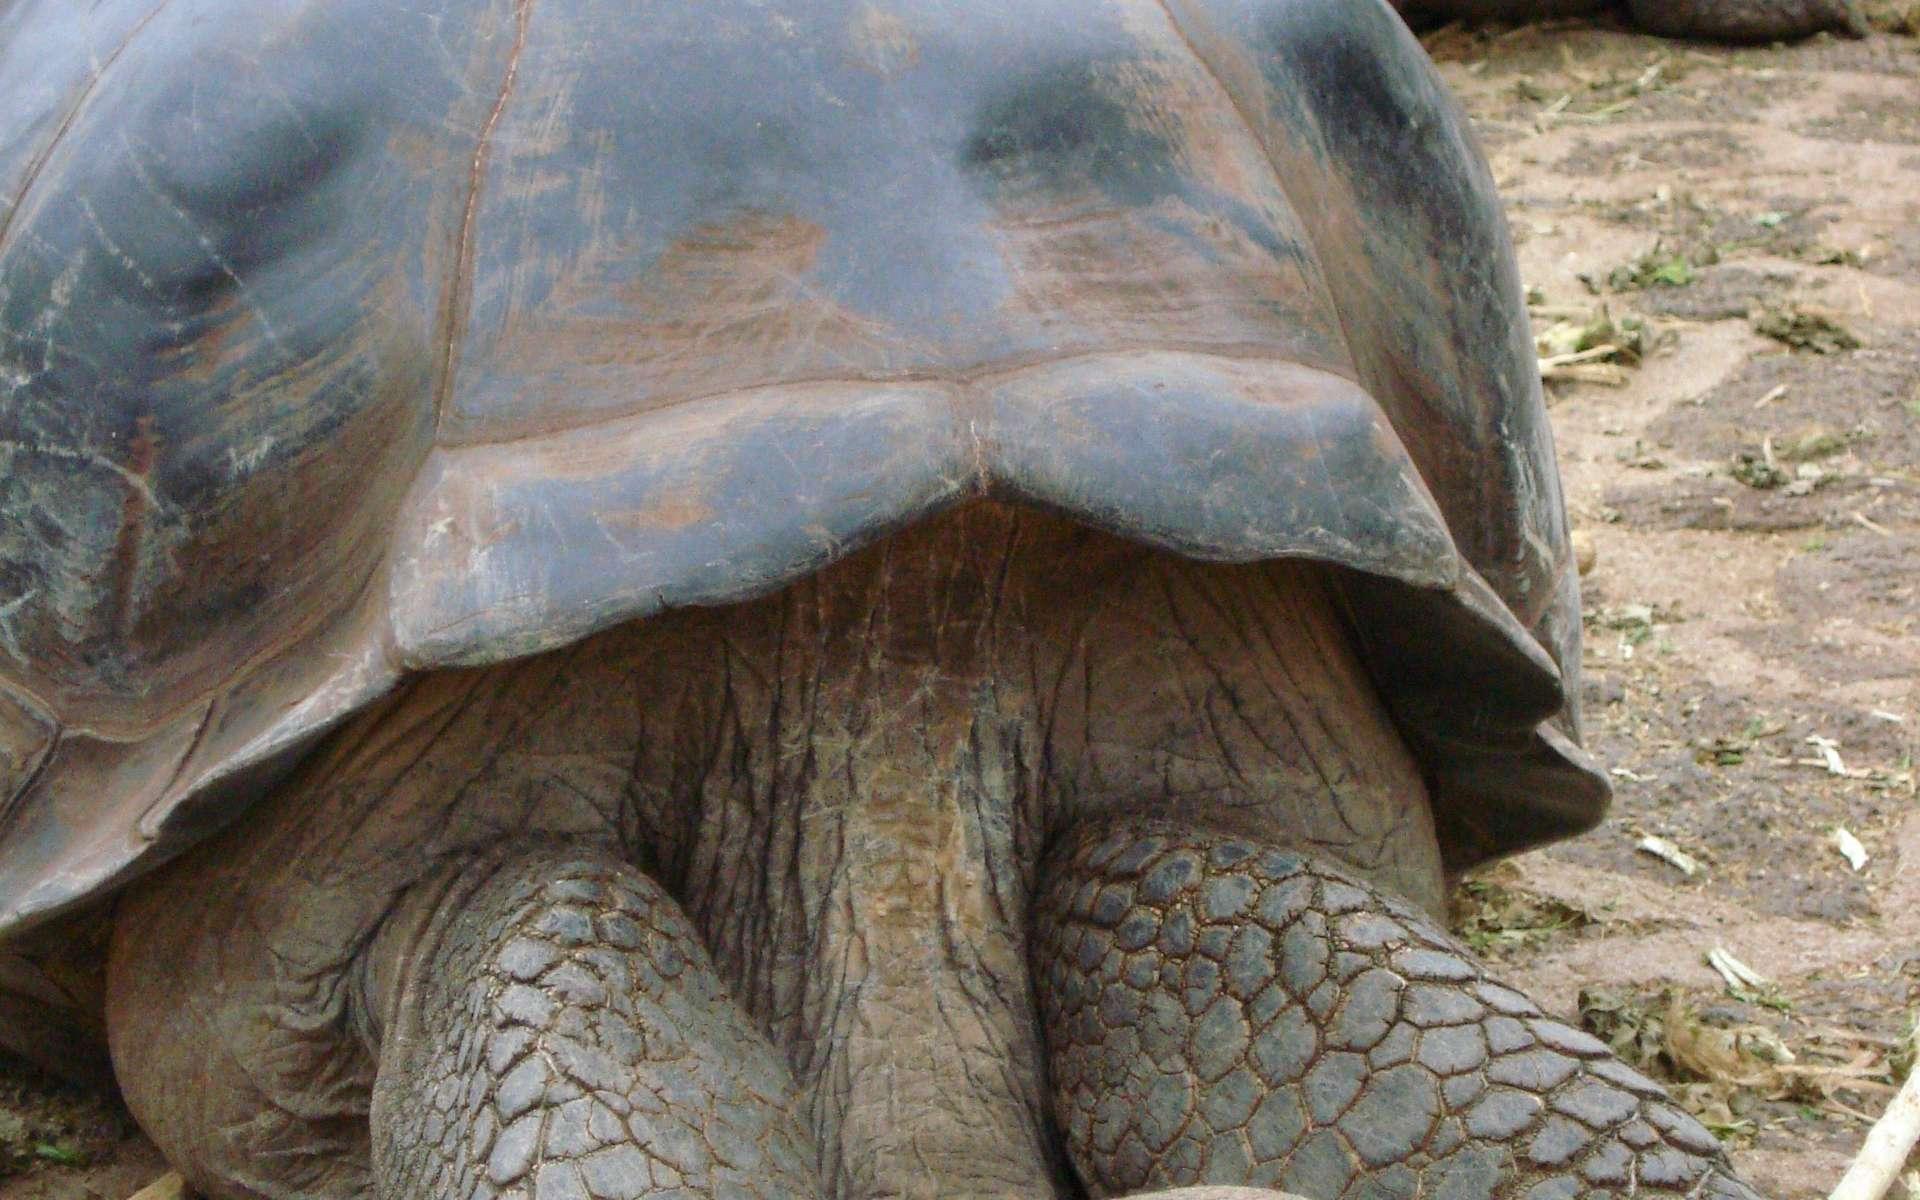 Les tortues géantes des Galápagos regroupent dix espèces dont Geochelone nigra. Elles constituent les animaux les plus emblématiques de cet archipel. © NOAA, DP